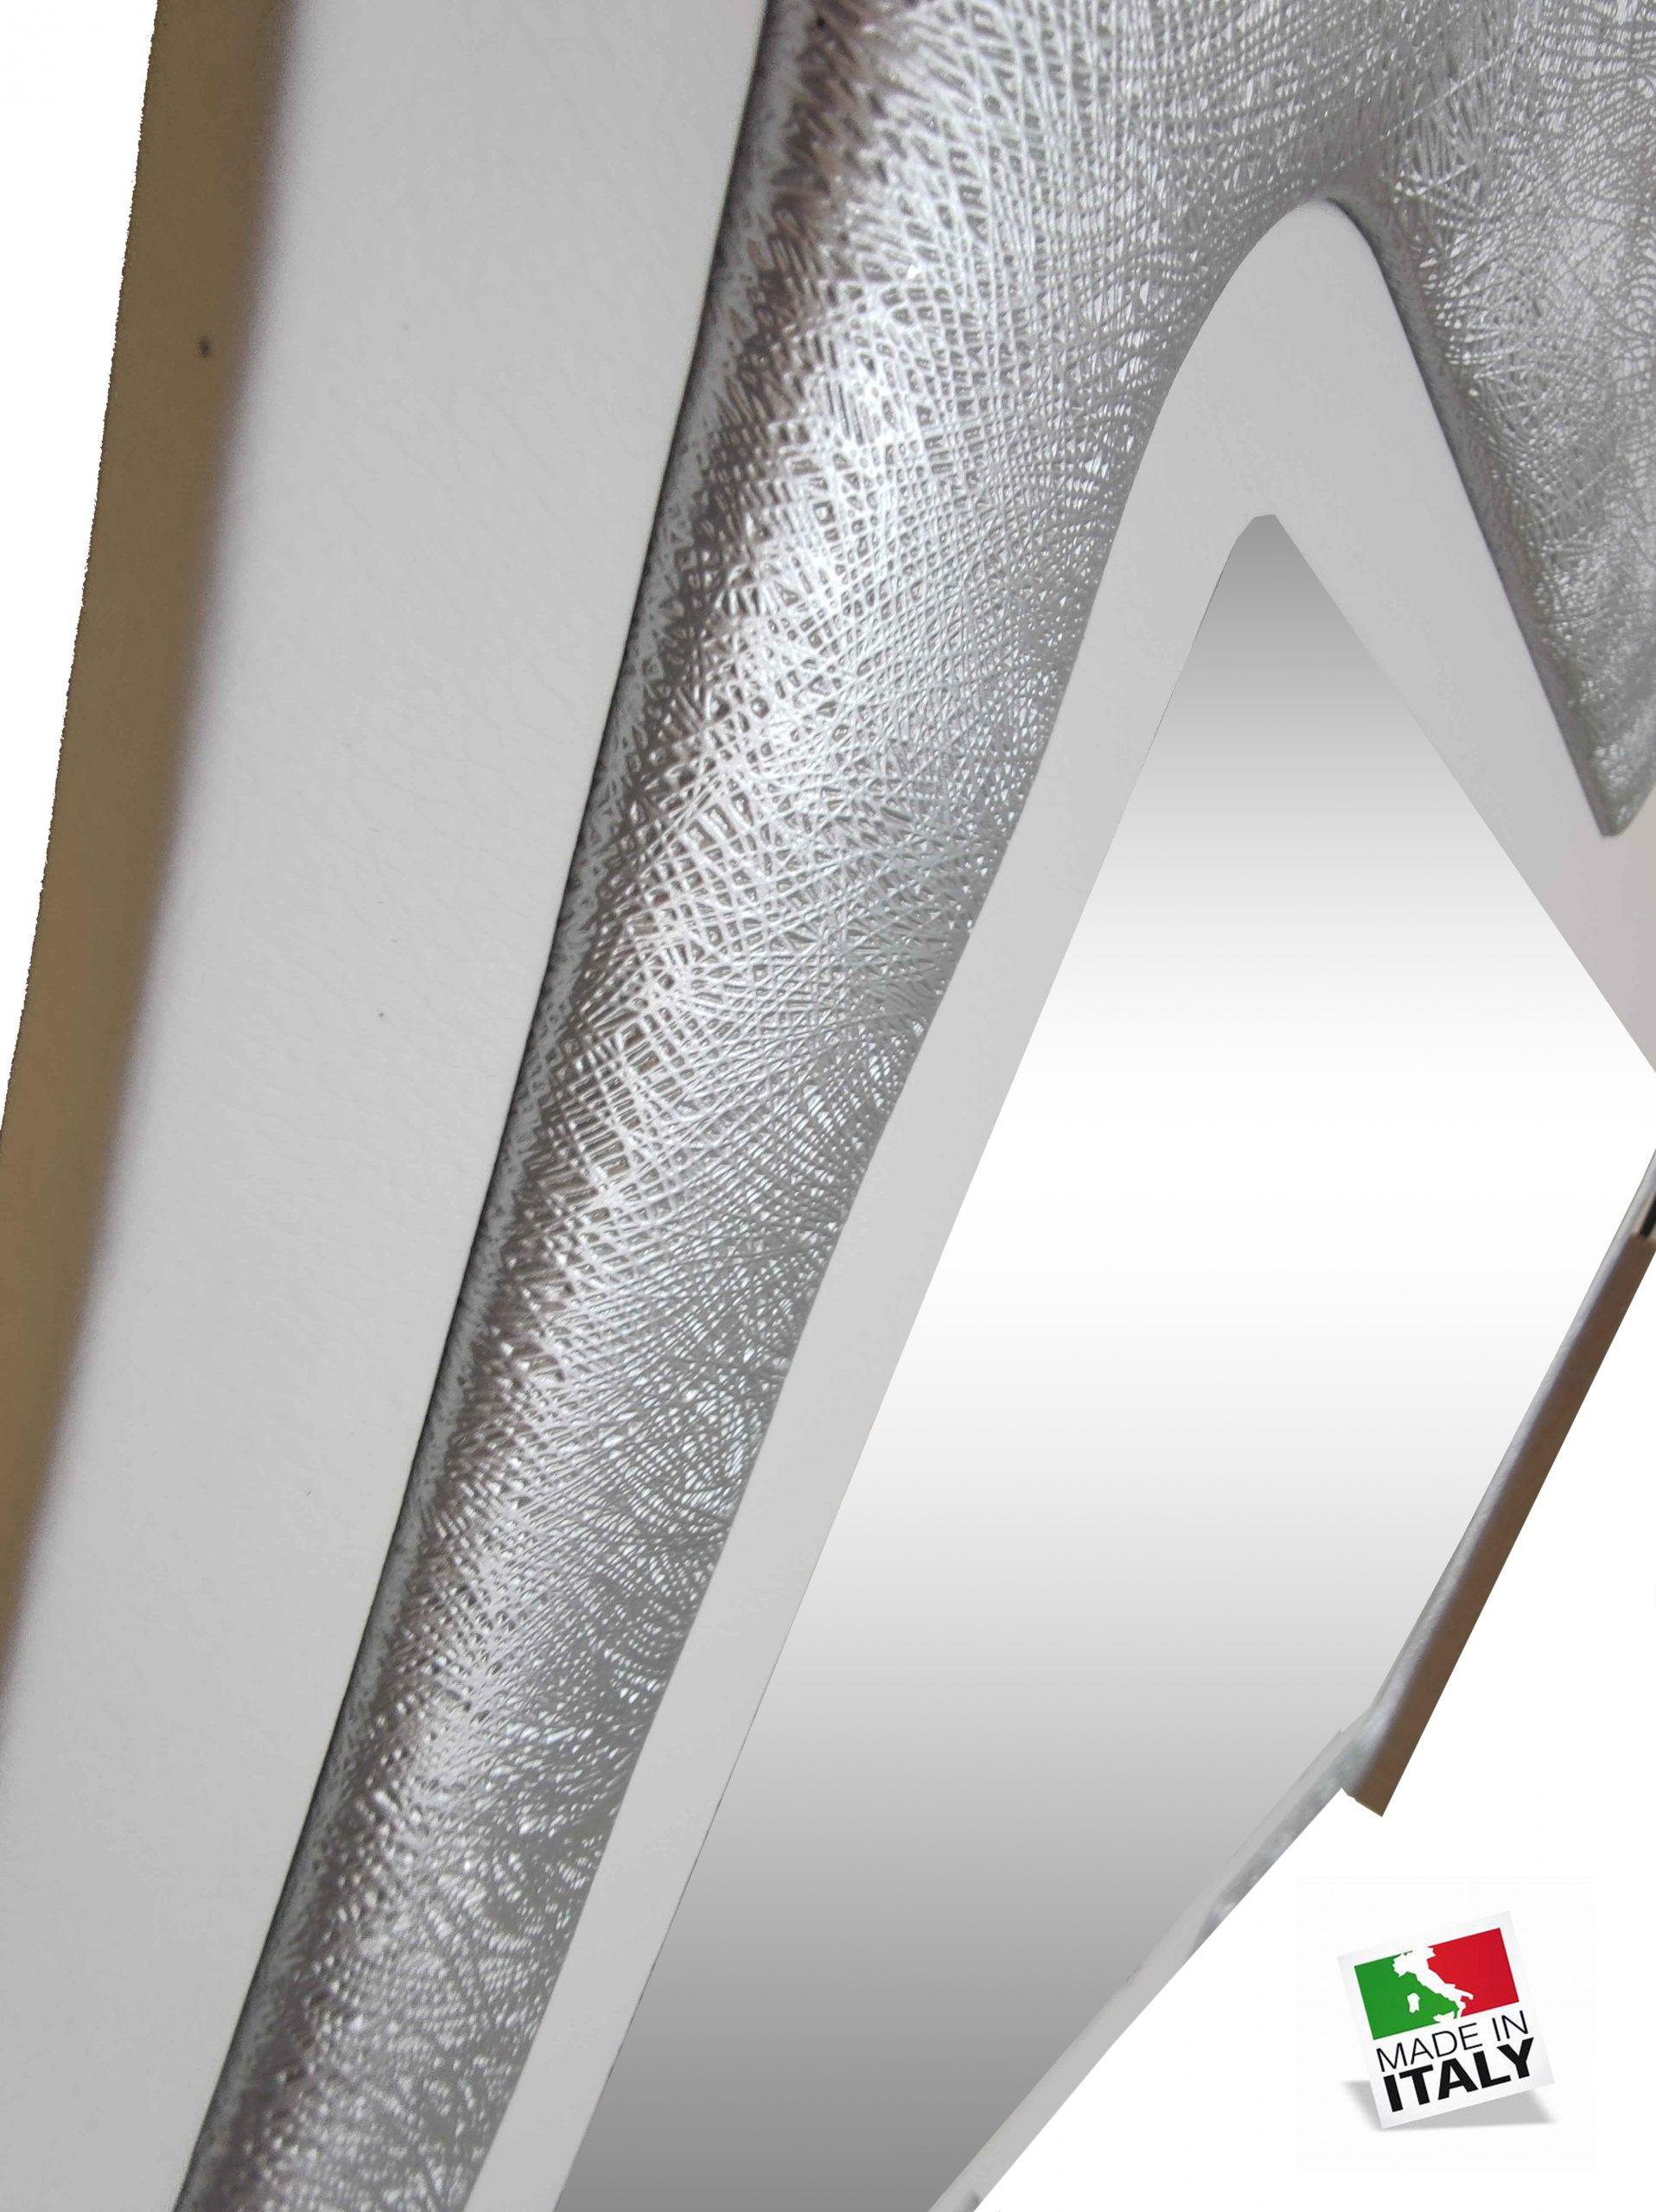 Originali ed Economic. oggettando CONSOLLE con SPECCHIERA Arredo Soggiorno Salotto Camera da Letto Cucina da Ingresso Ufficio Bar Ristorante Regali utili